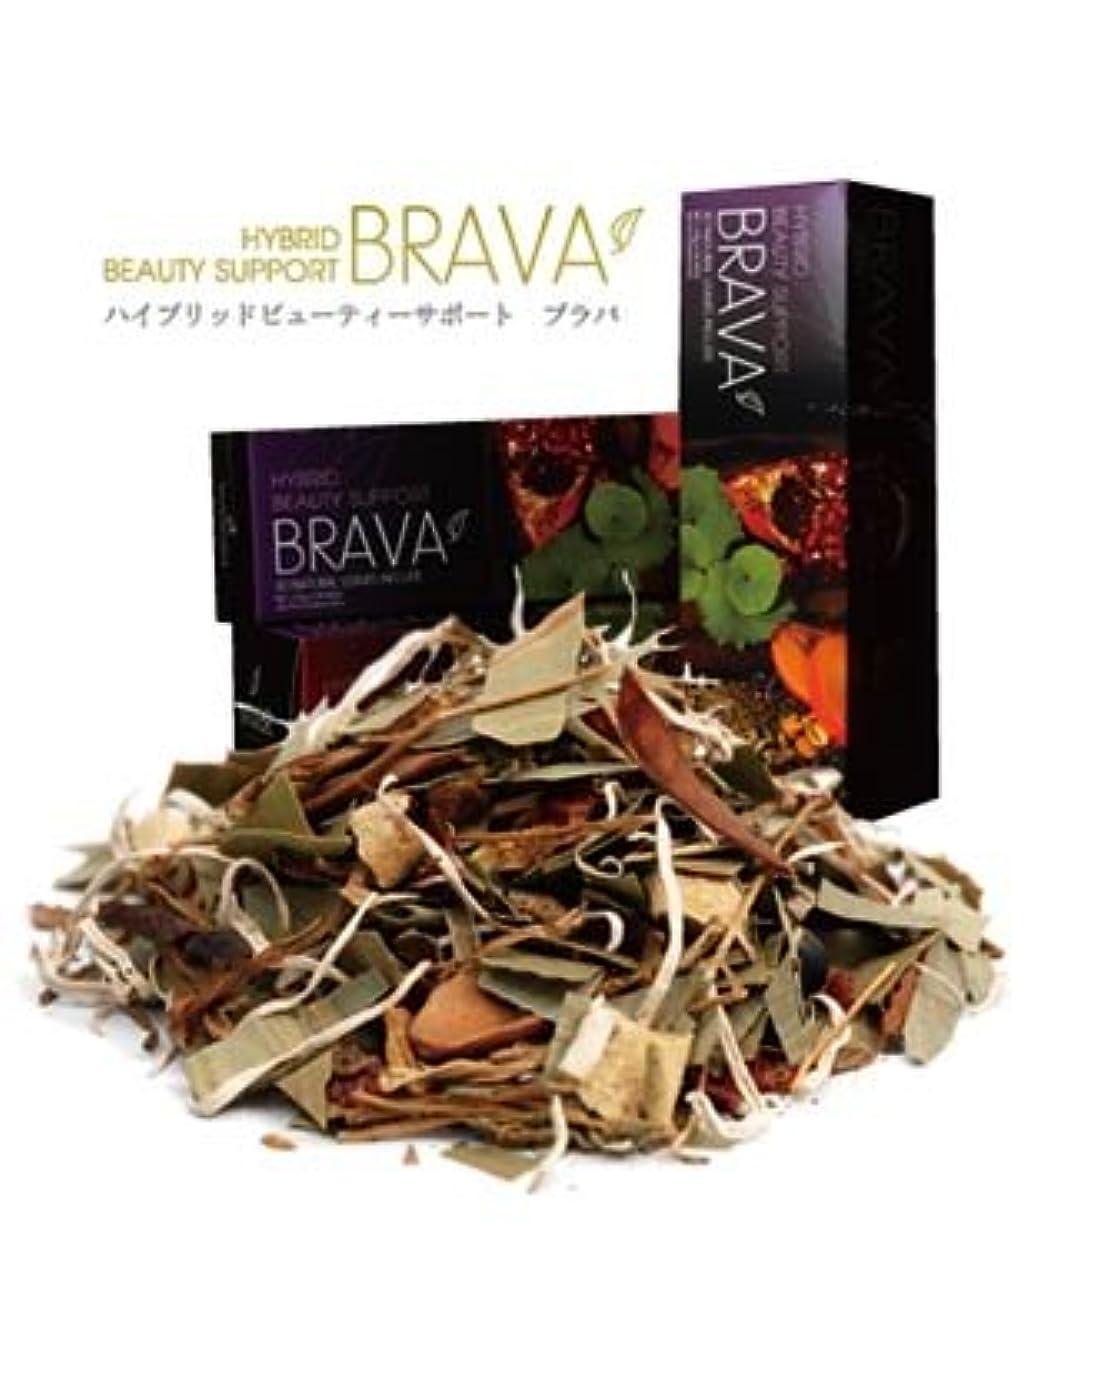 乏しい謝罪する期待するハイブリッドビューティサポート BRAVA(ブラバ) 20包